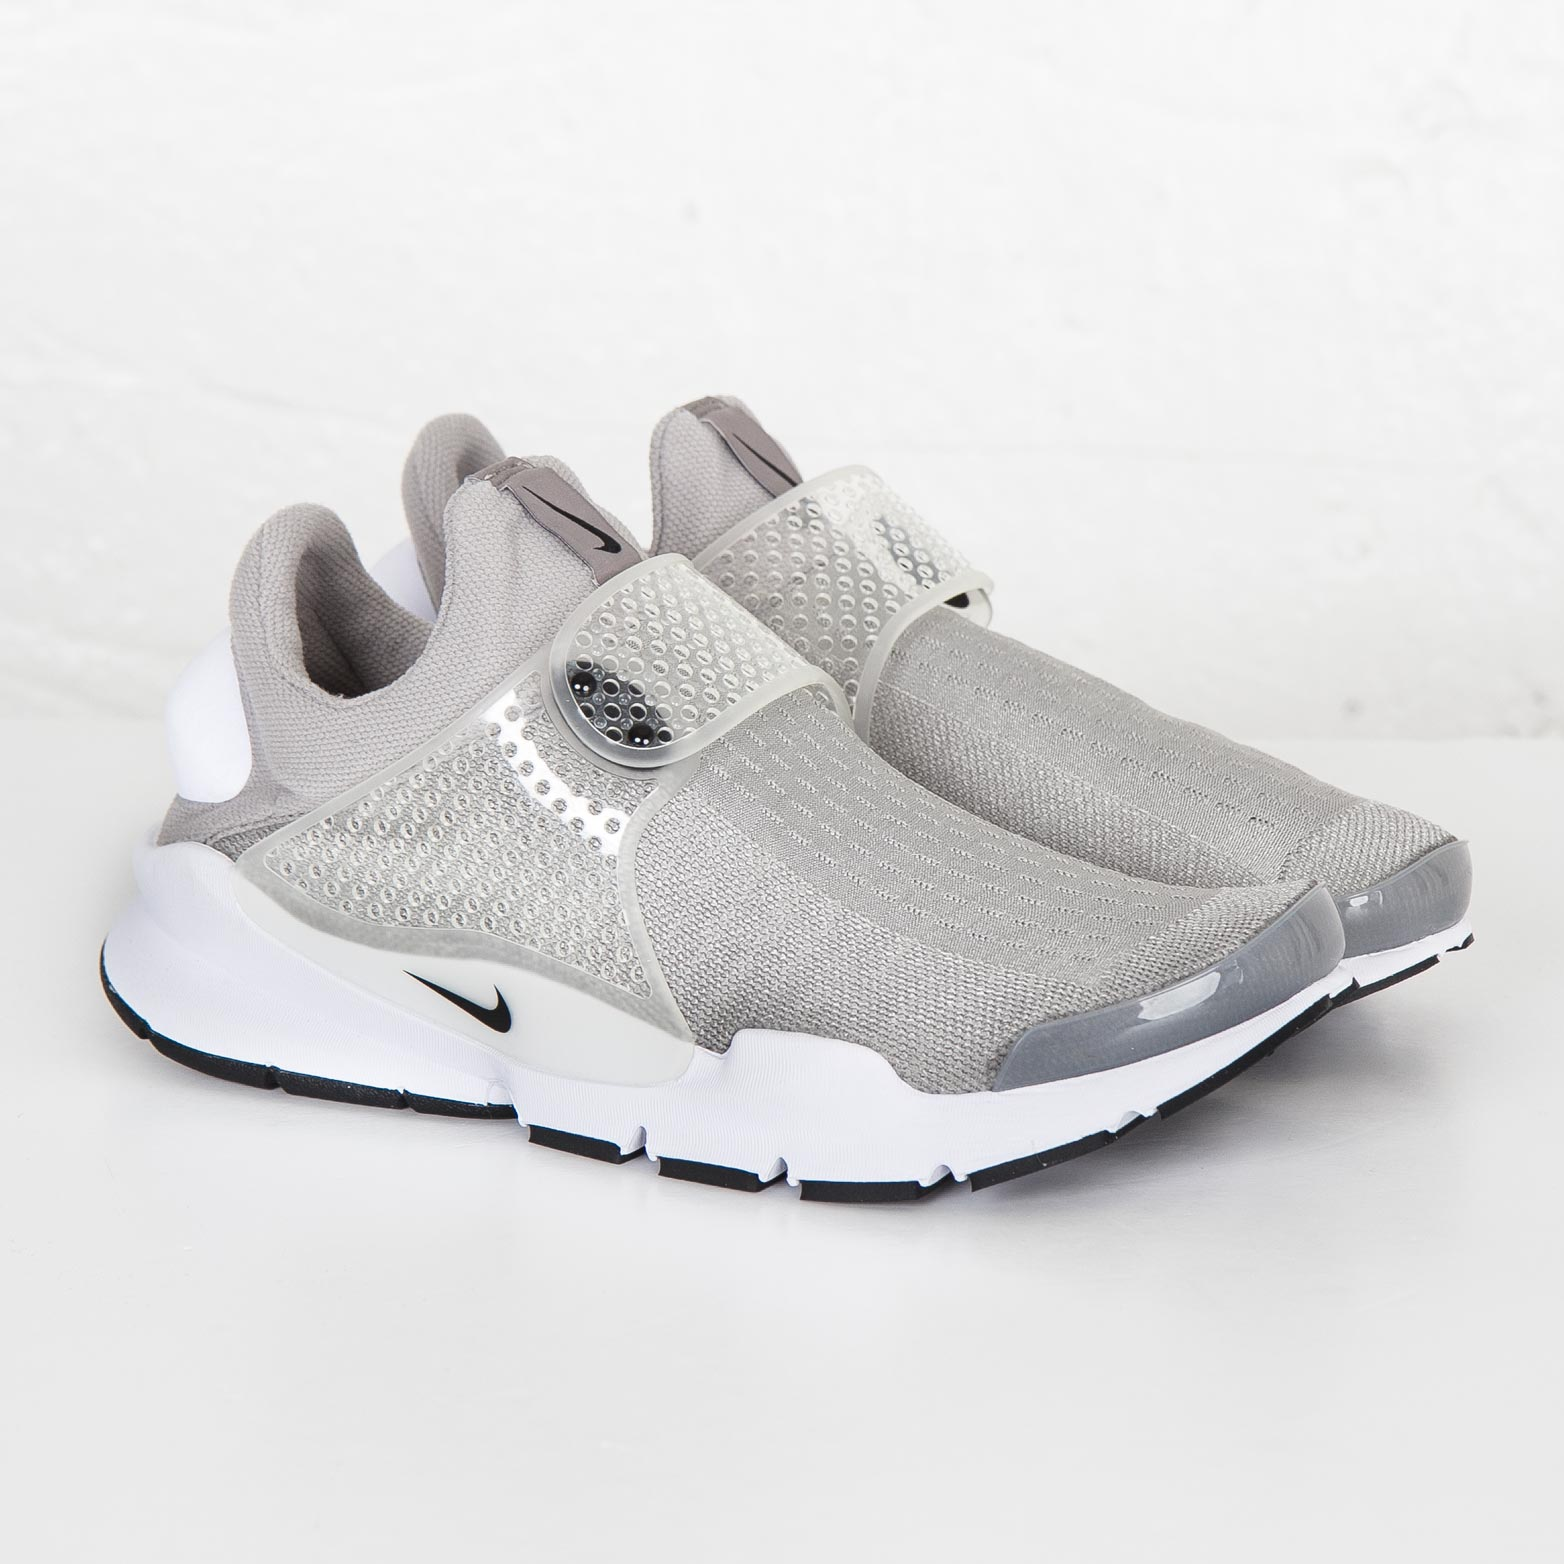 the latest 04f9b 676cf Nike Sock Dart - 819686-002 - Sneakersnstuff | sneakers & streetwear ...